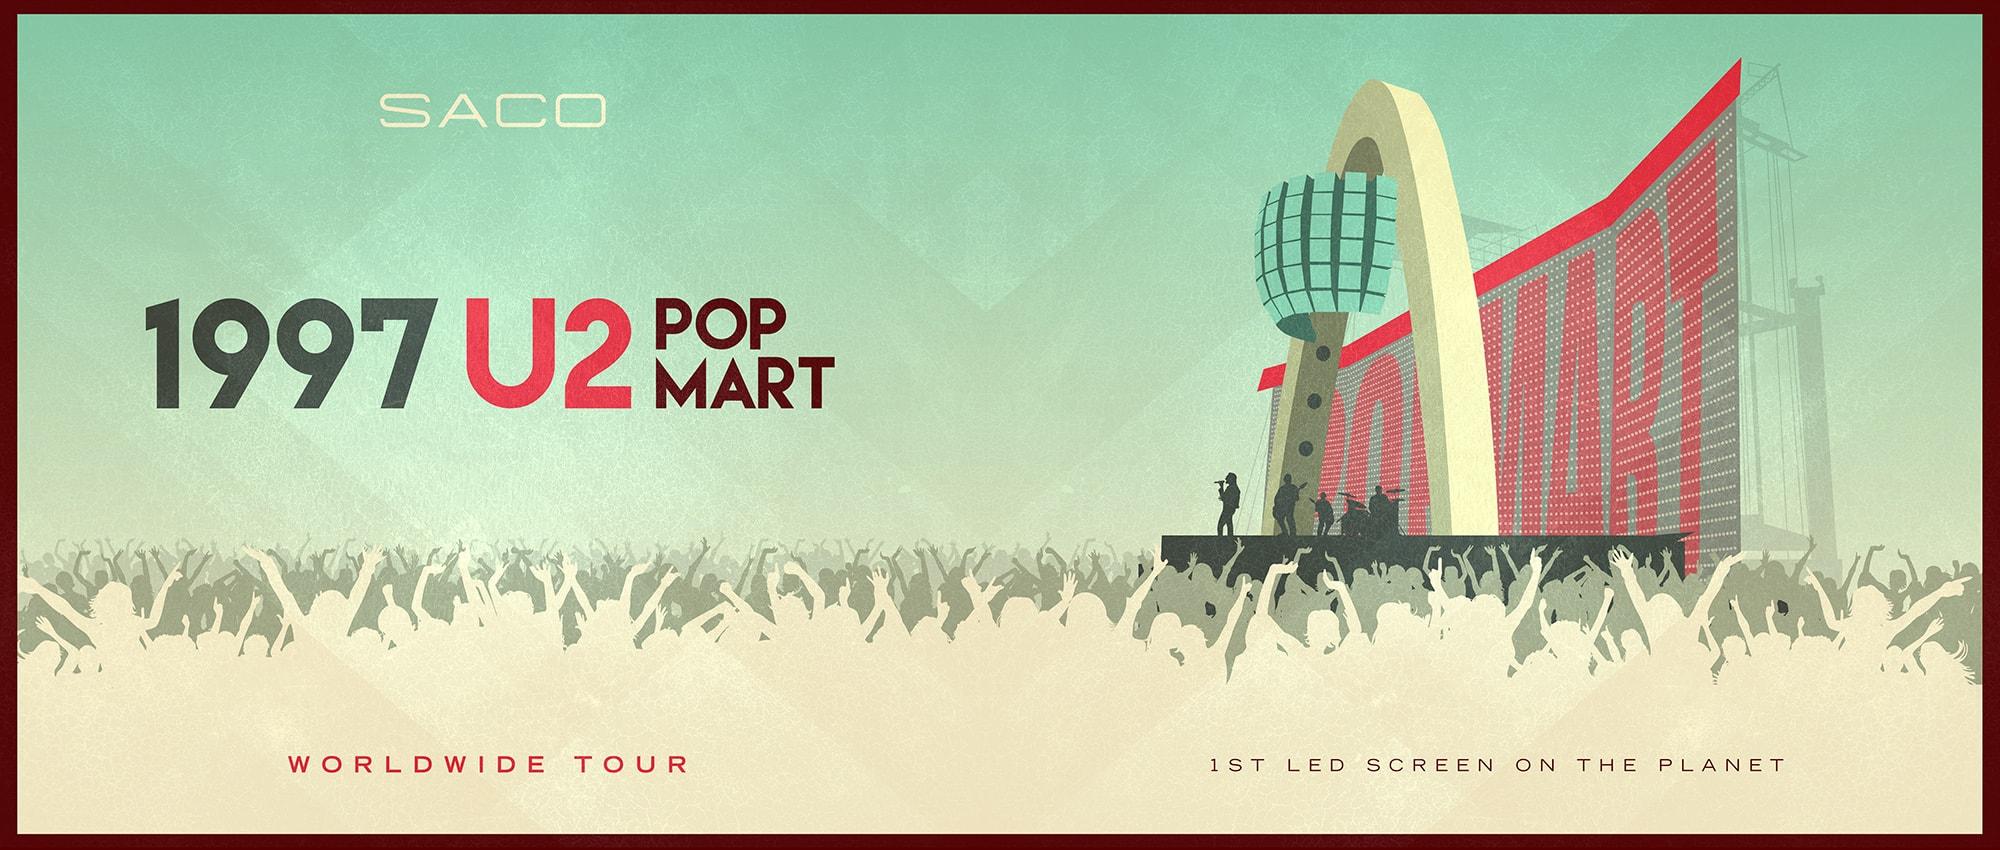 AFFICHE DE TOURNÉE U2 POP MART